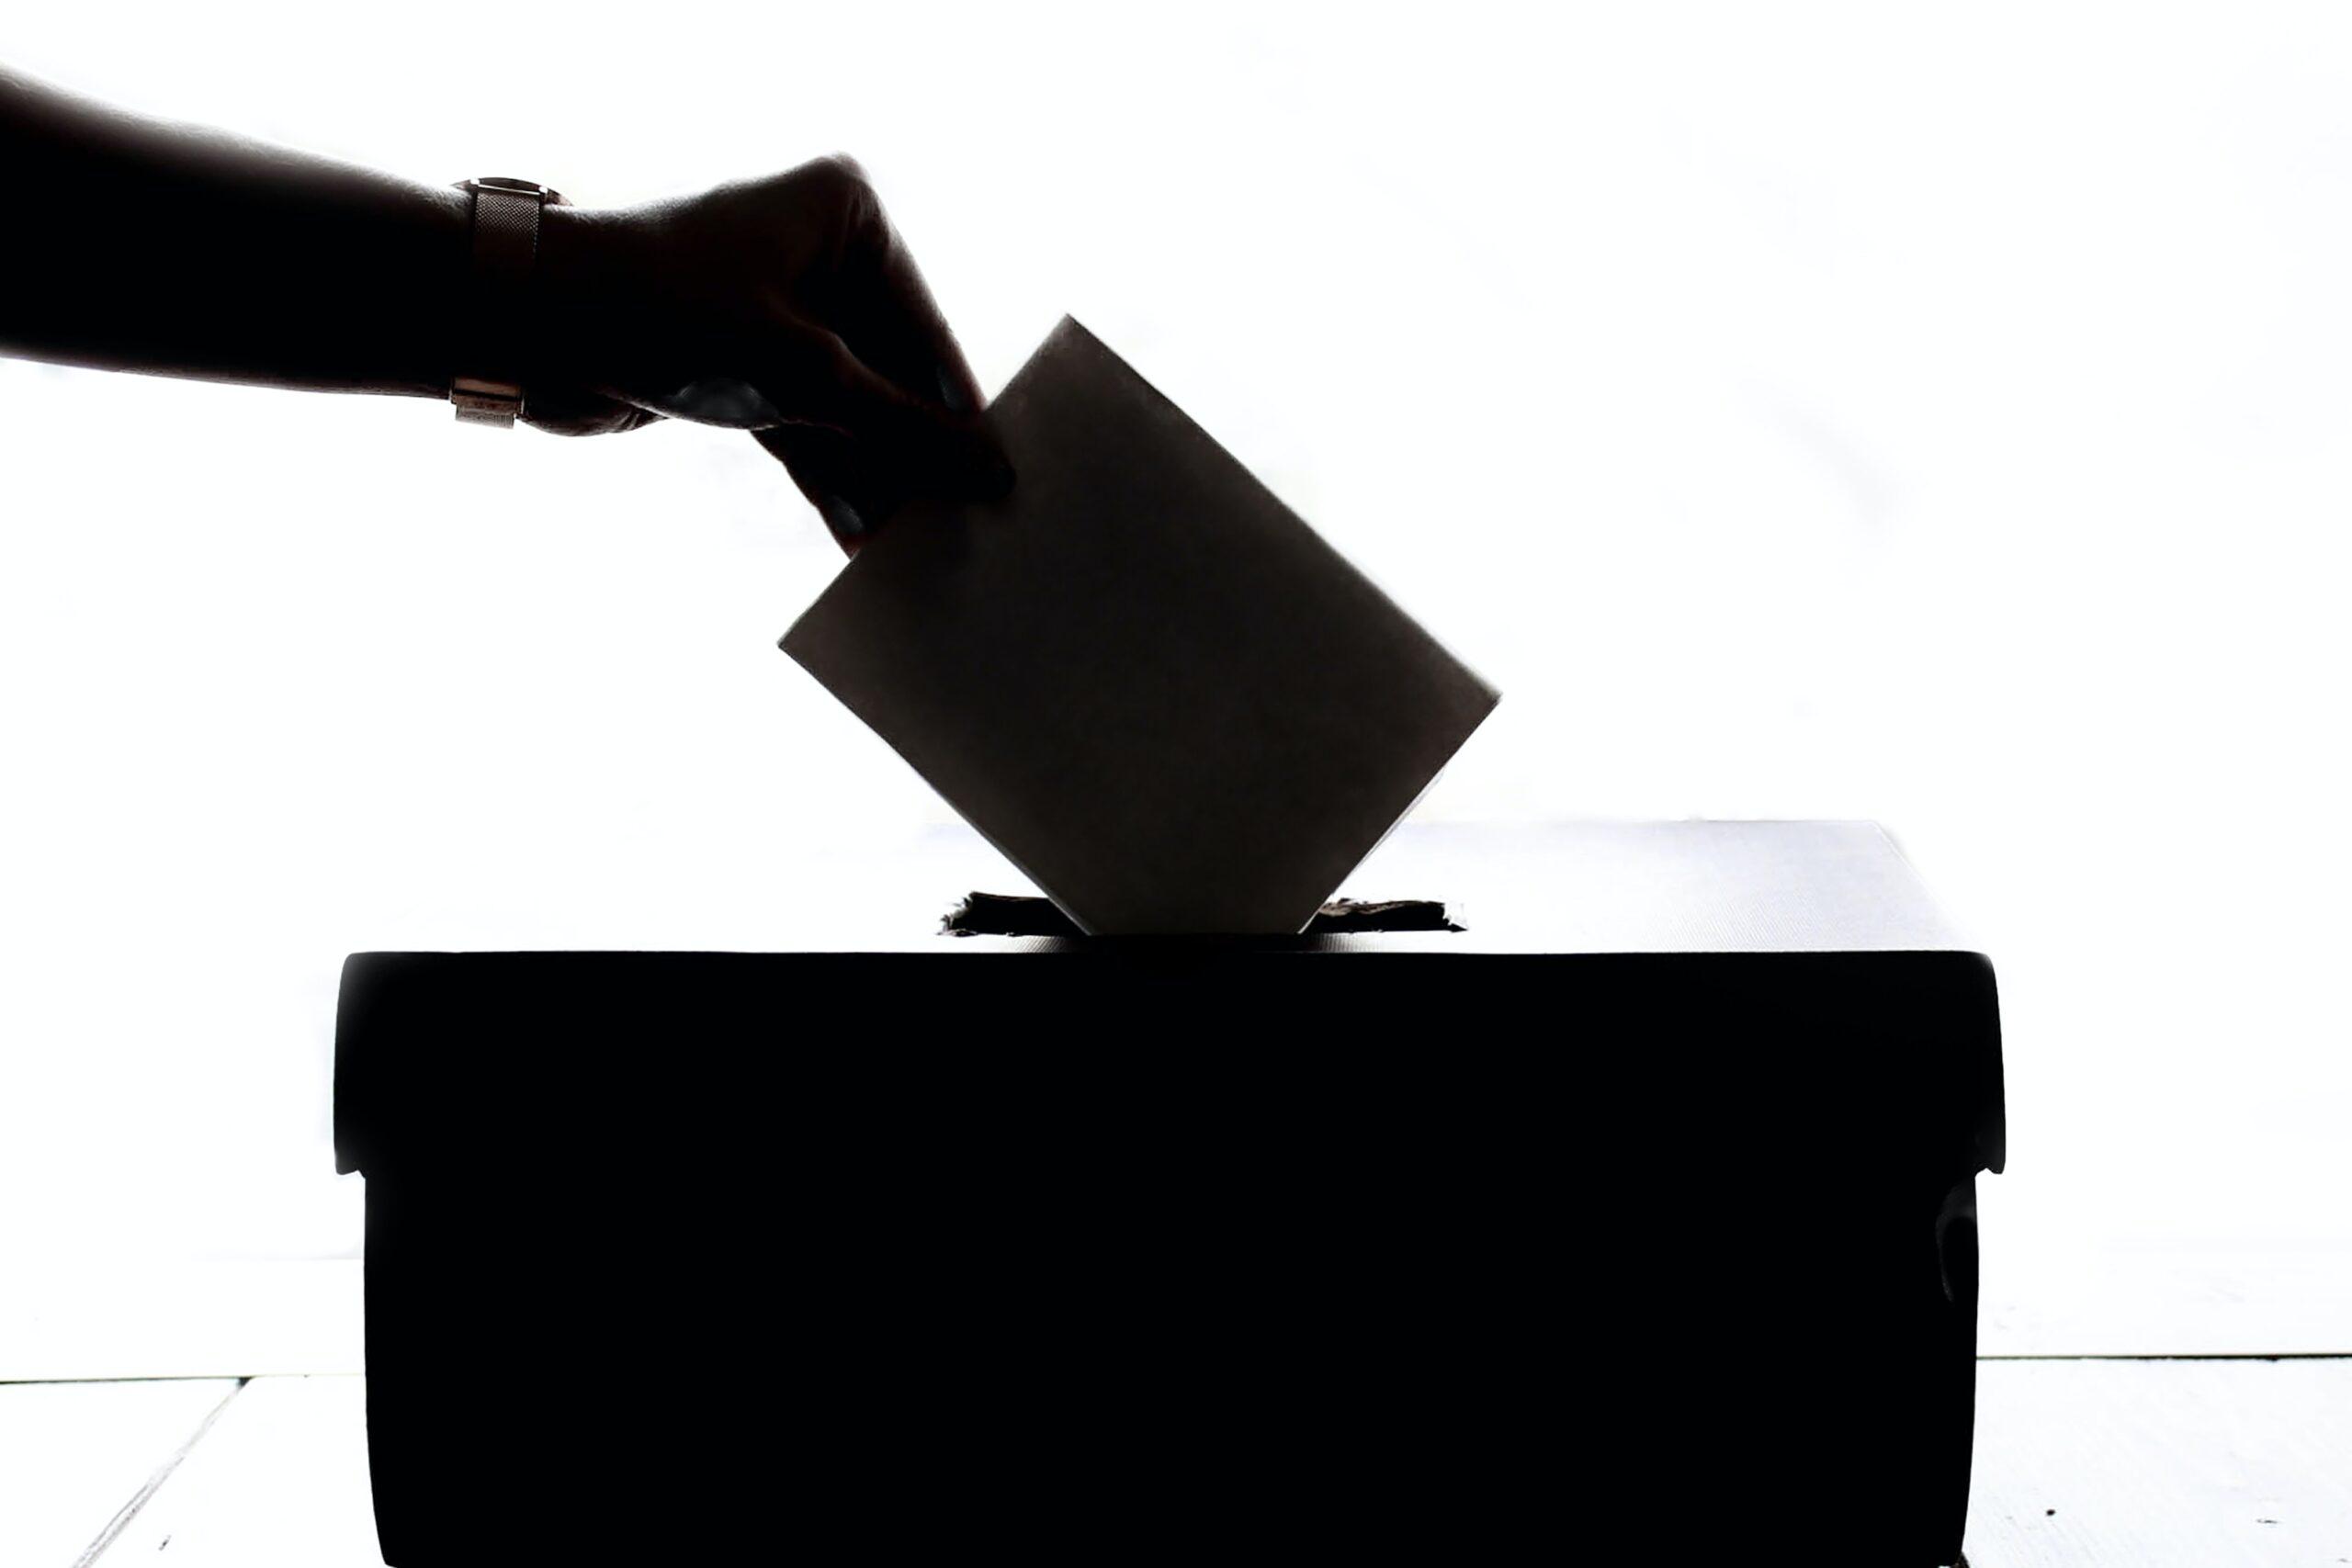 las 5 virtudes del político del futuro